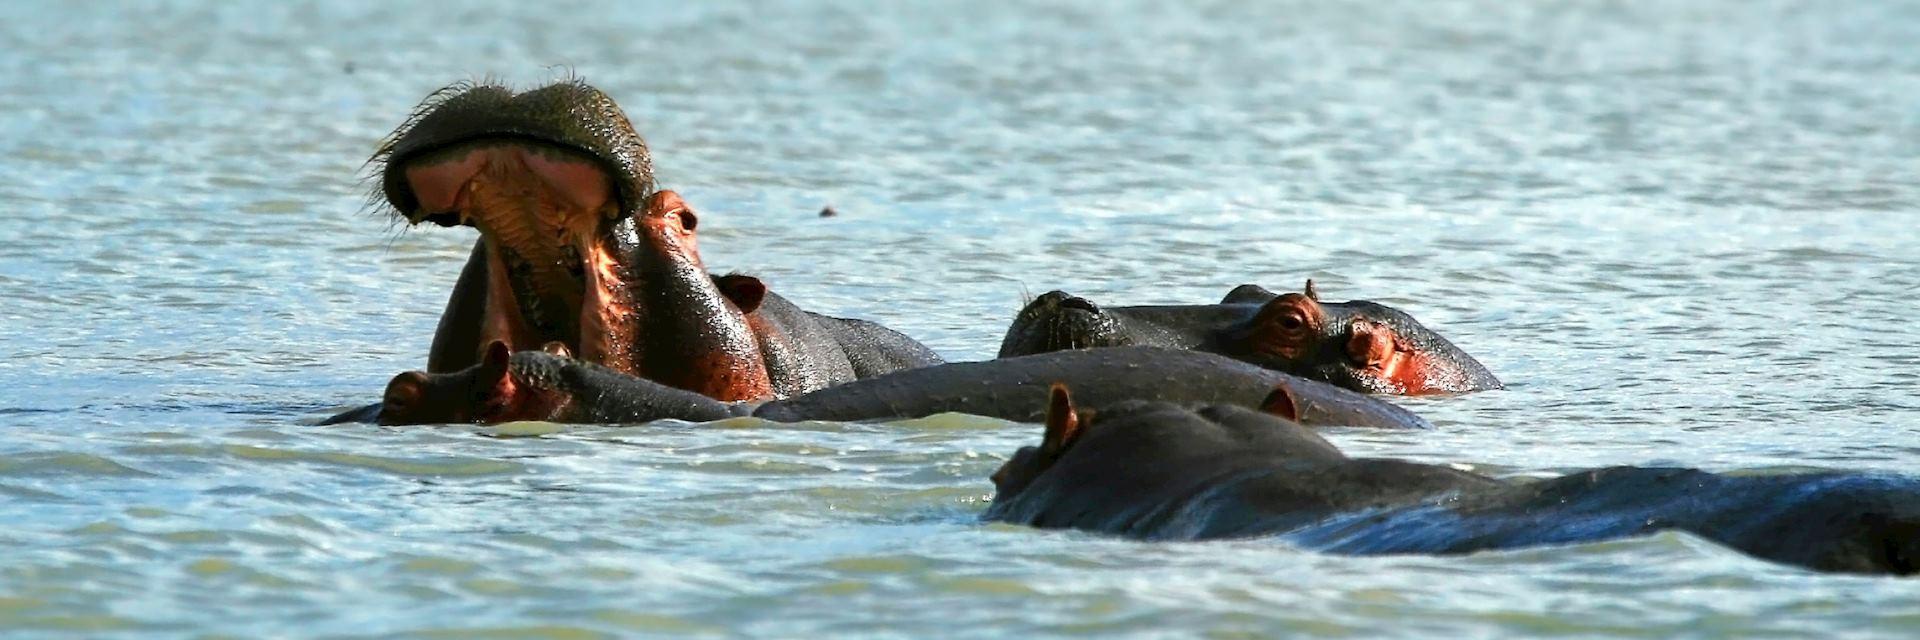 Hippo in Lake Naivasha, Kenya